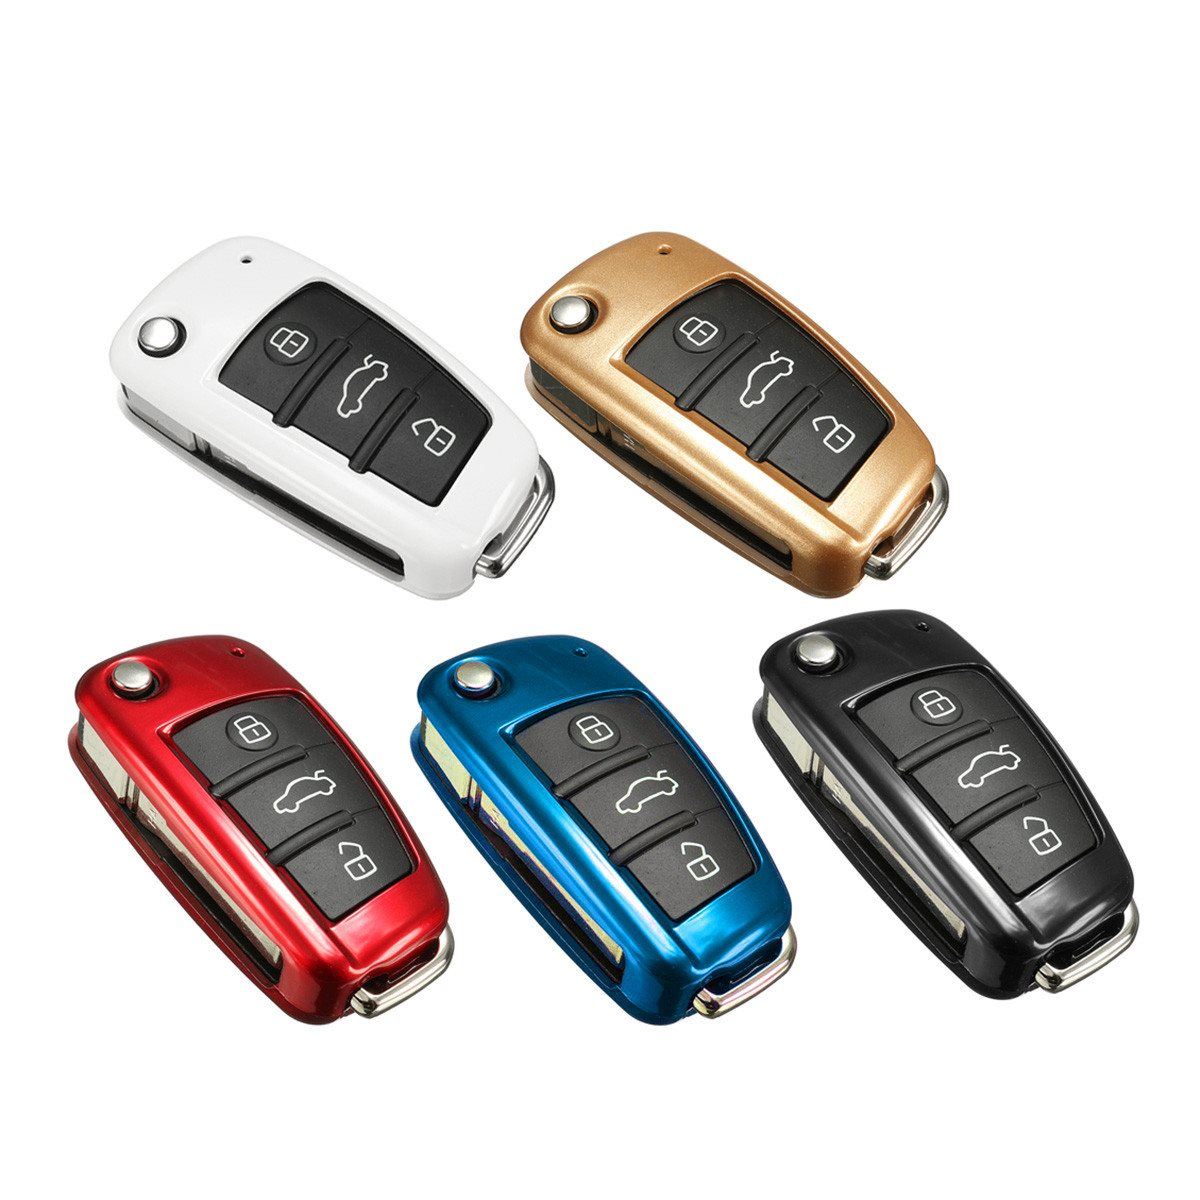 Multicolor Fernautoschlüssel Shell Fall-abdeckung Schutz ABS Kunststoff Für Audi A1 TT A4L A6 A5 A7 A8 Q3 Q7 Q5 Q7 S5 S6 S7 S8 Neue